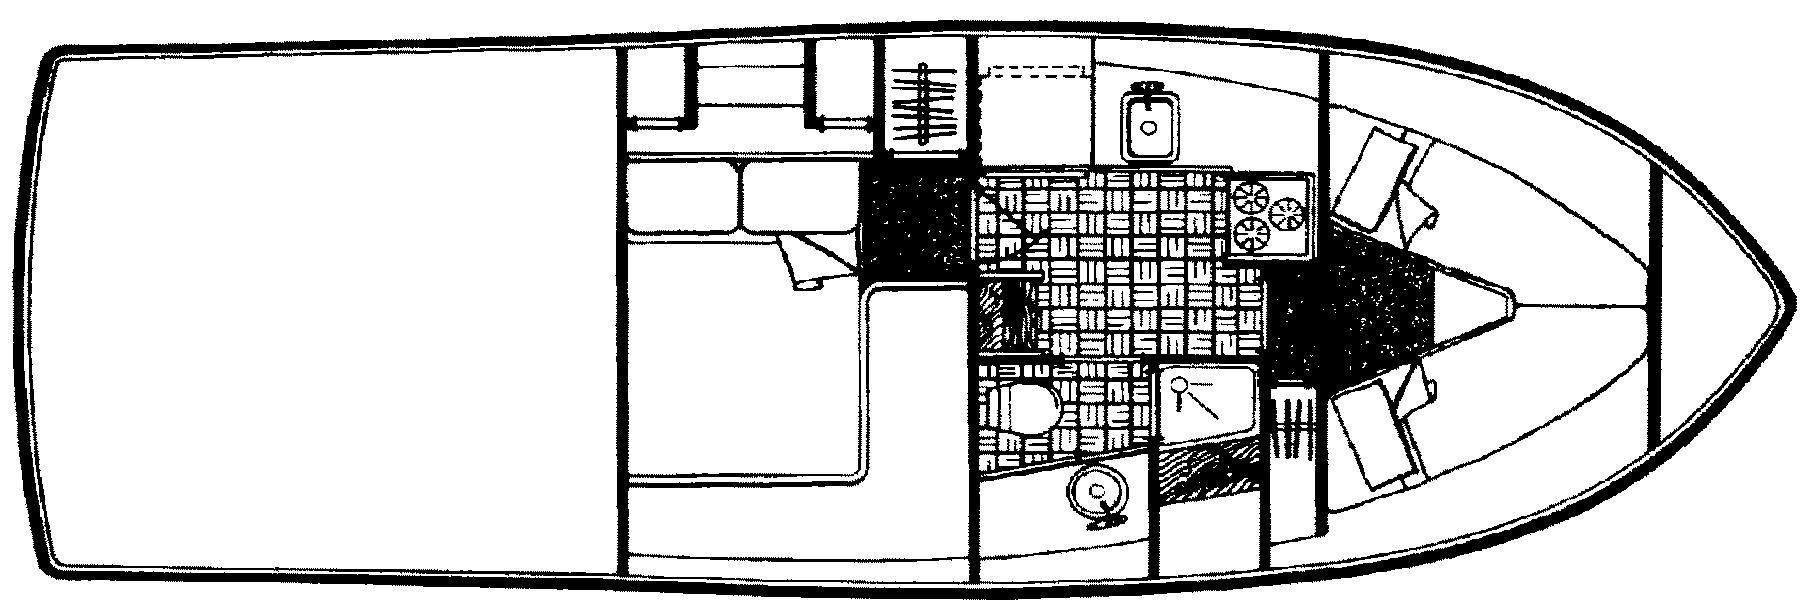 32 Convertible Floor Plan 2